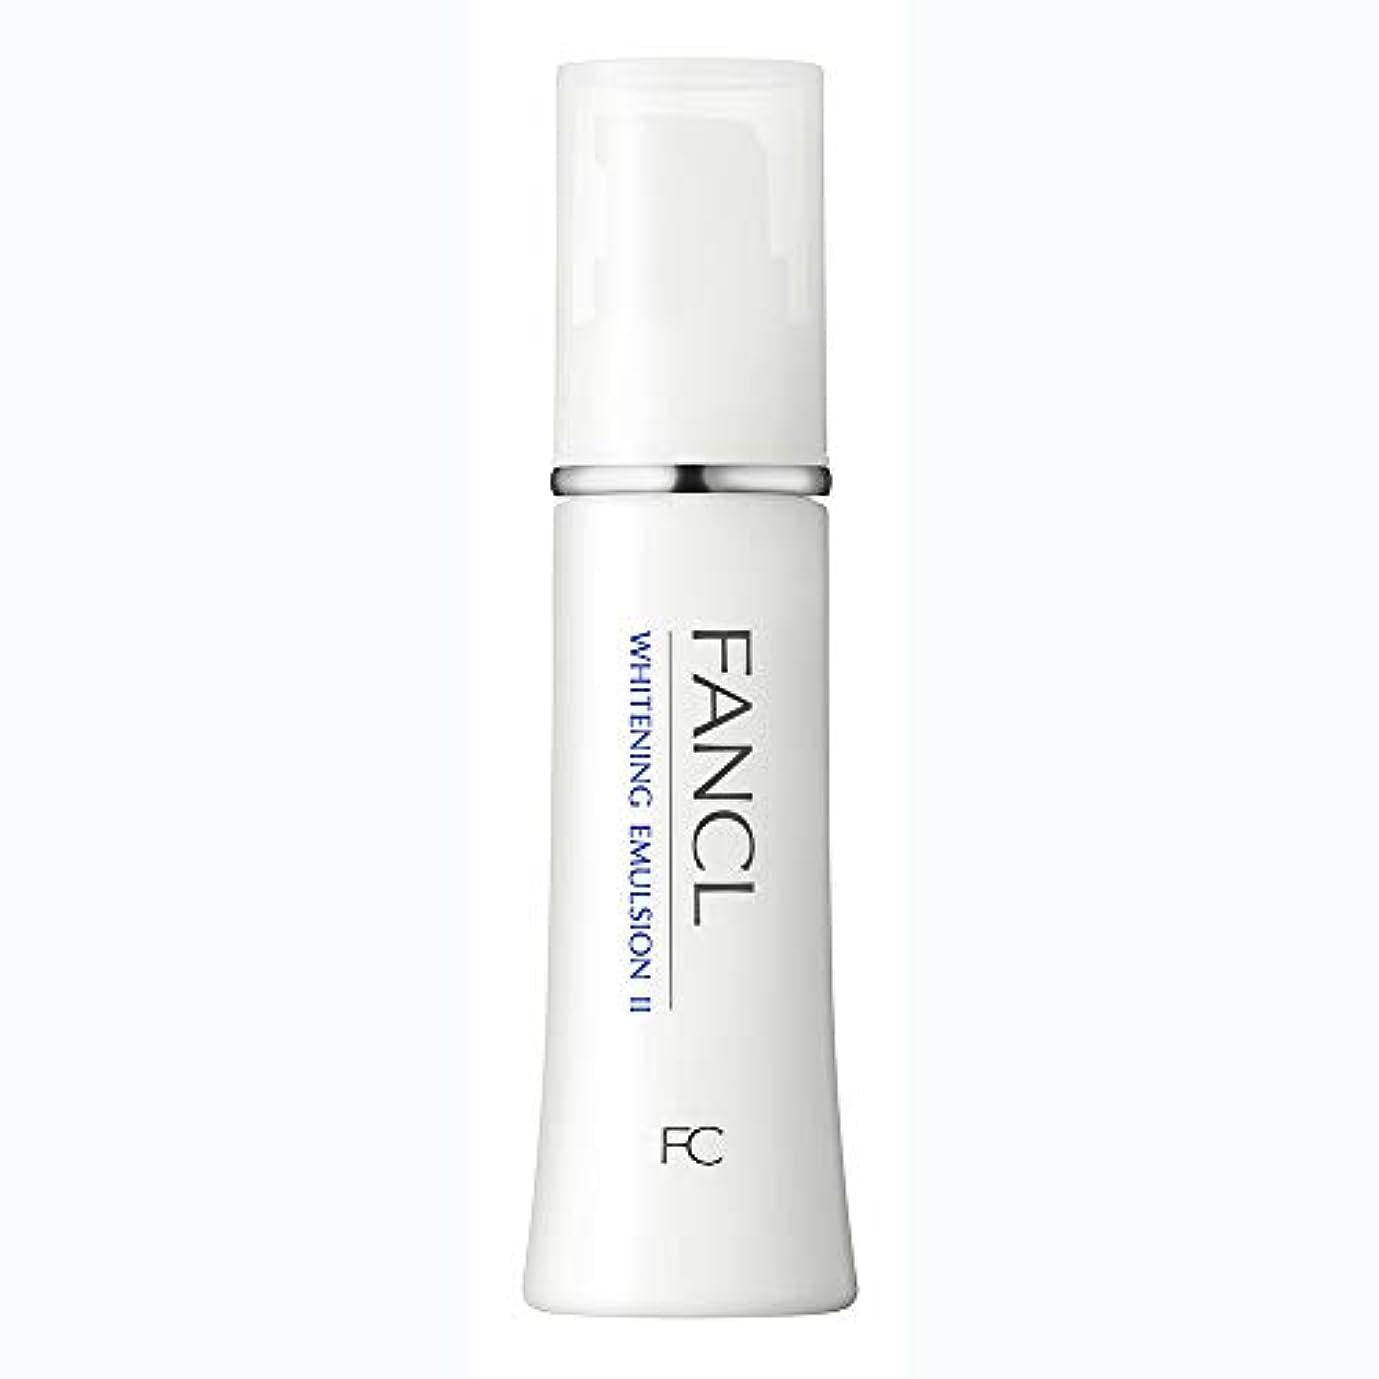 十代錆びなぜファンケル(FANCL) 新 ホワイトニング 乳液 II しっとり 1本 30mL<医薬部外品>